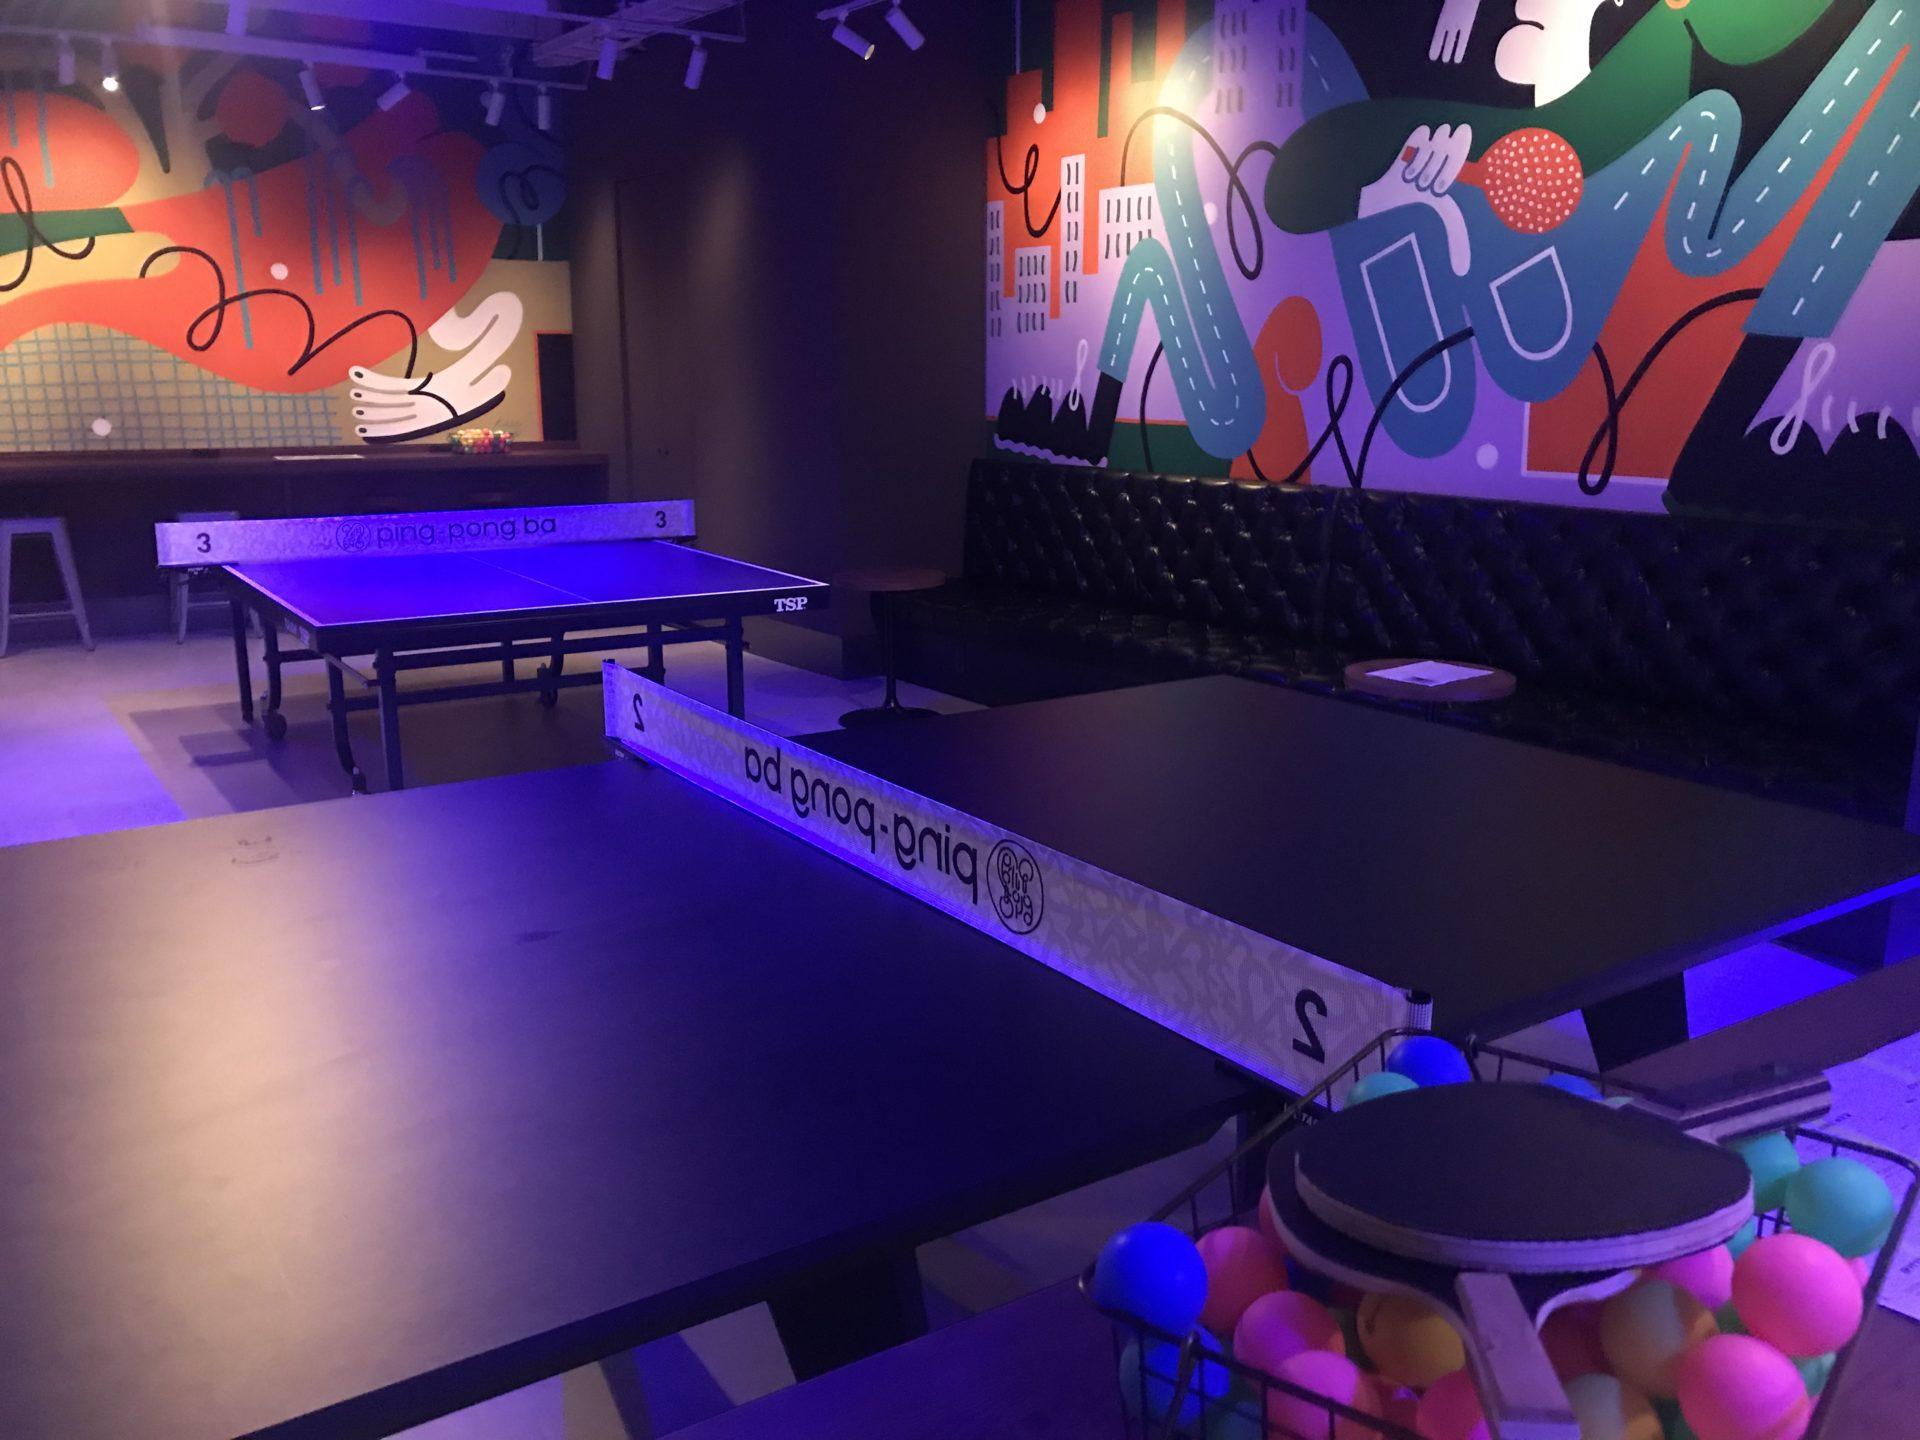 大塚の「ping-pong ba」